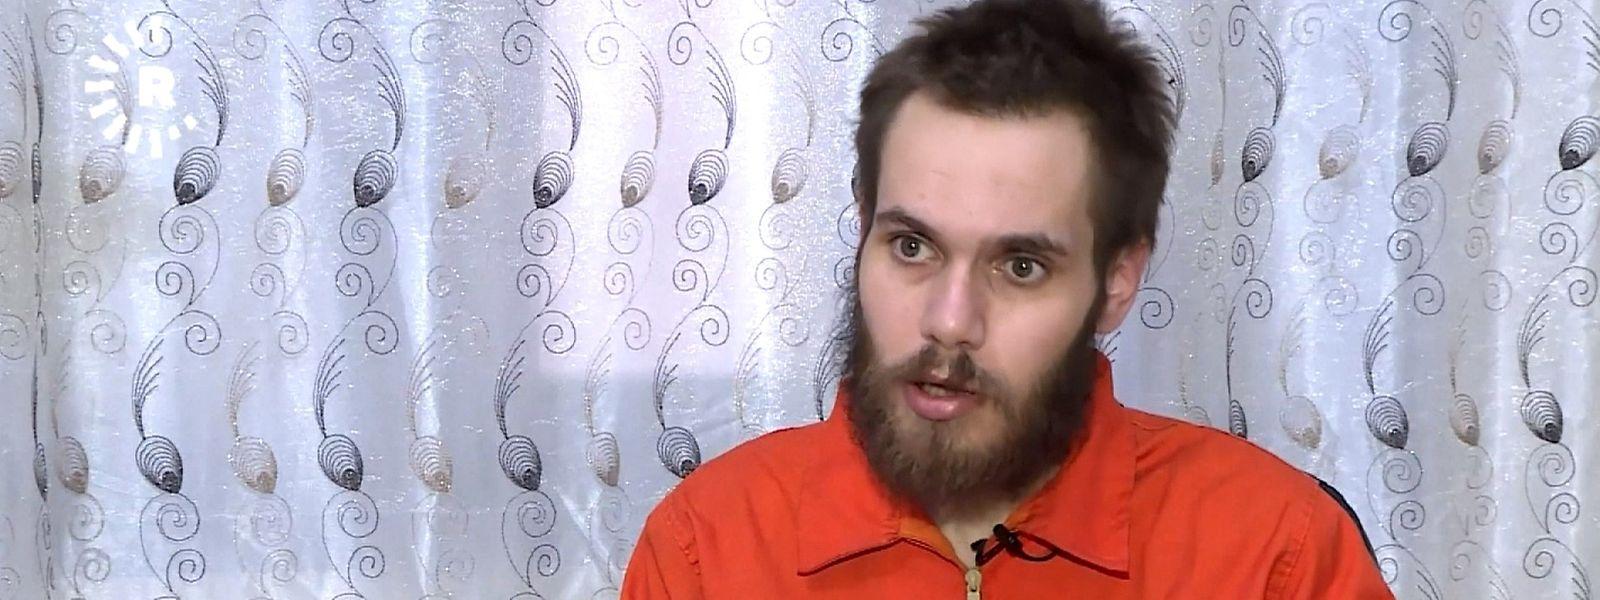 Steve Duarte juntou-se ao auto-proclamado Estado Islâmico em 2014.